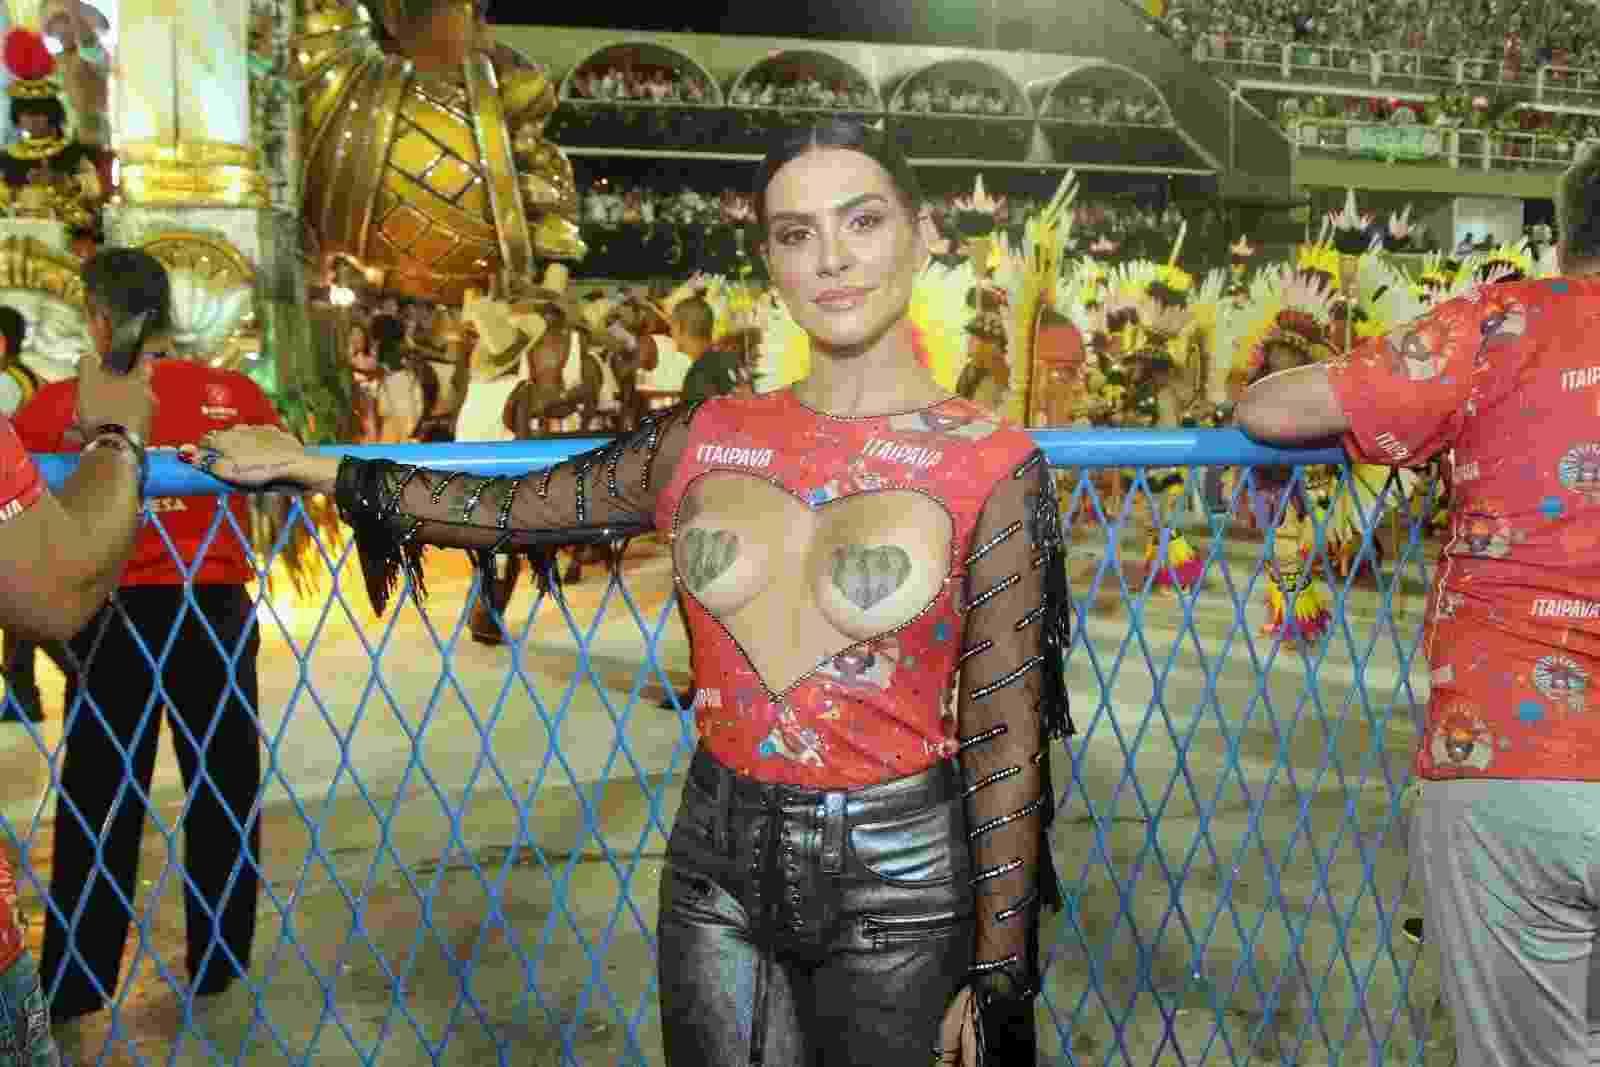 A atriz Cléo Pires usou adesivos para cobrir os seios. ''Vocês queriam lacração?'', provocou a atriz - Marcello Sá Barretto/Brazil News